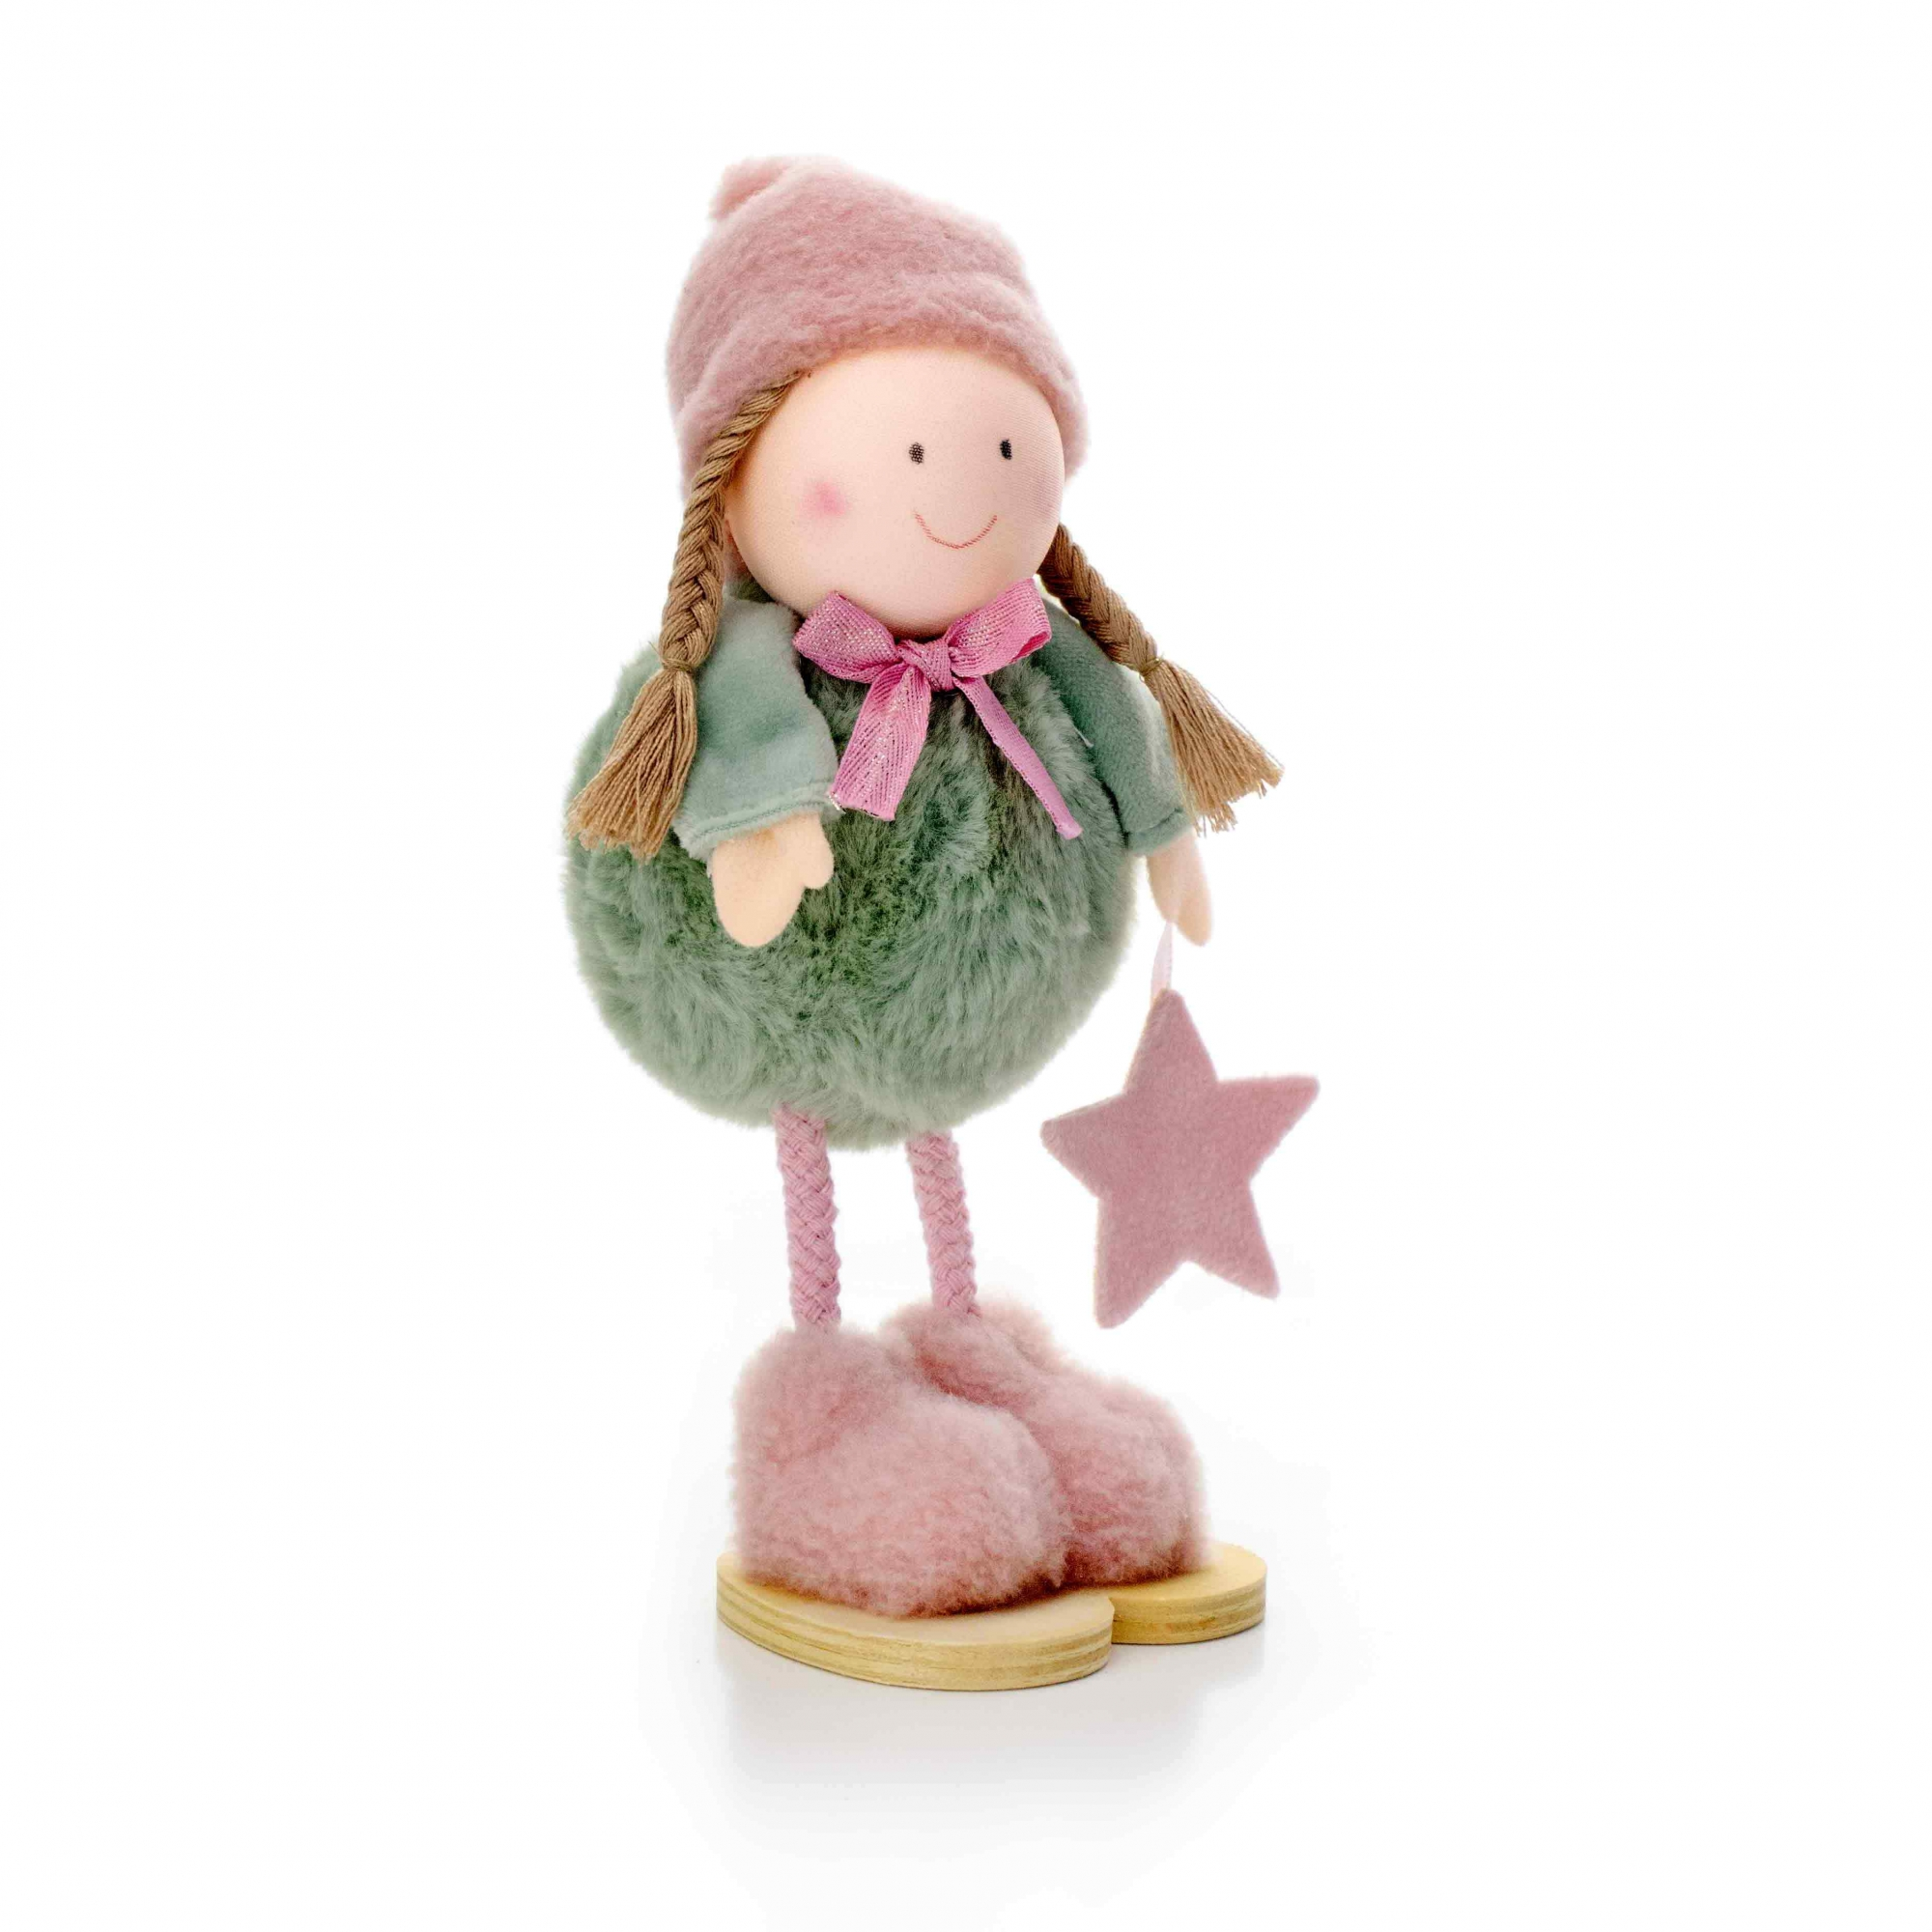 Boneco de Natal Menina em Pé Verde e Rosa 20 cm - D'Rossi